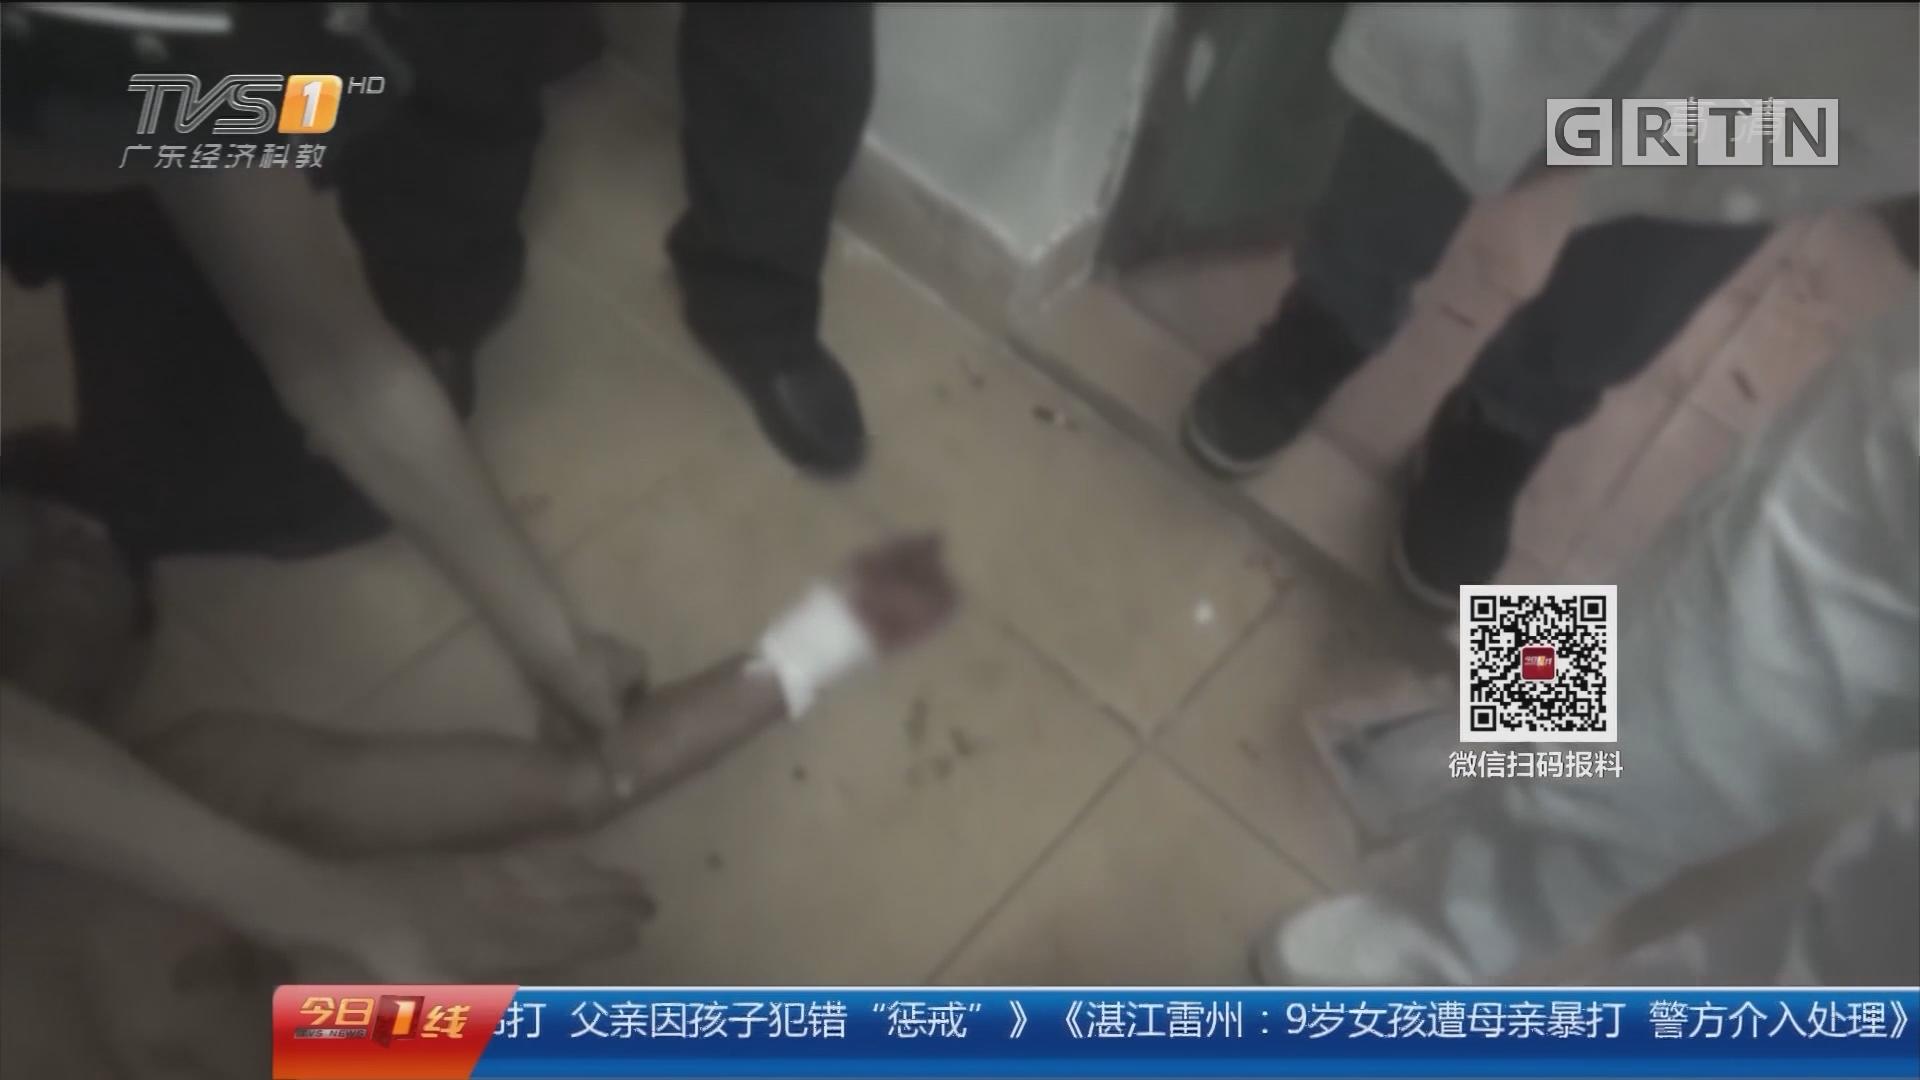 中山东凤:为情割脉刚救下 男子趴地玩手机